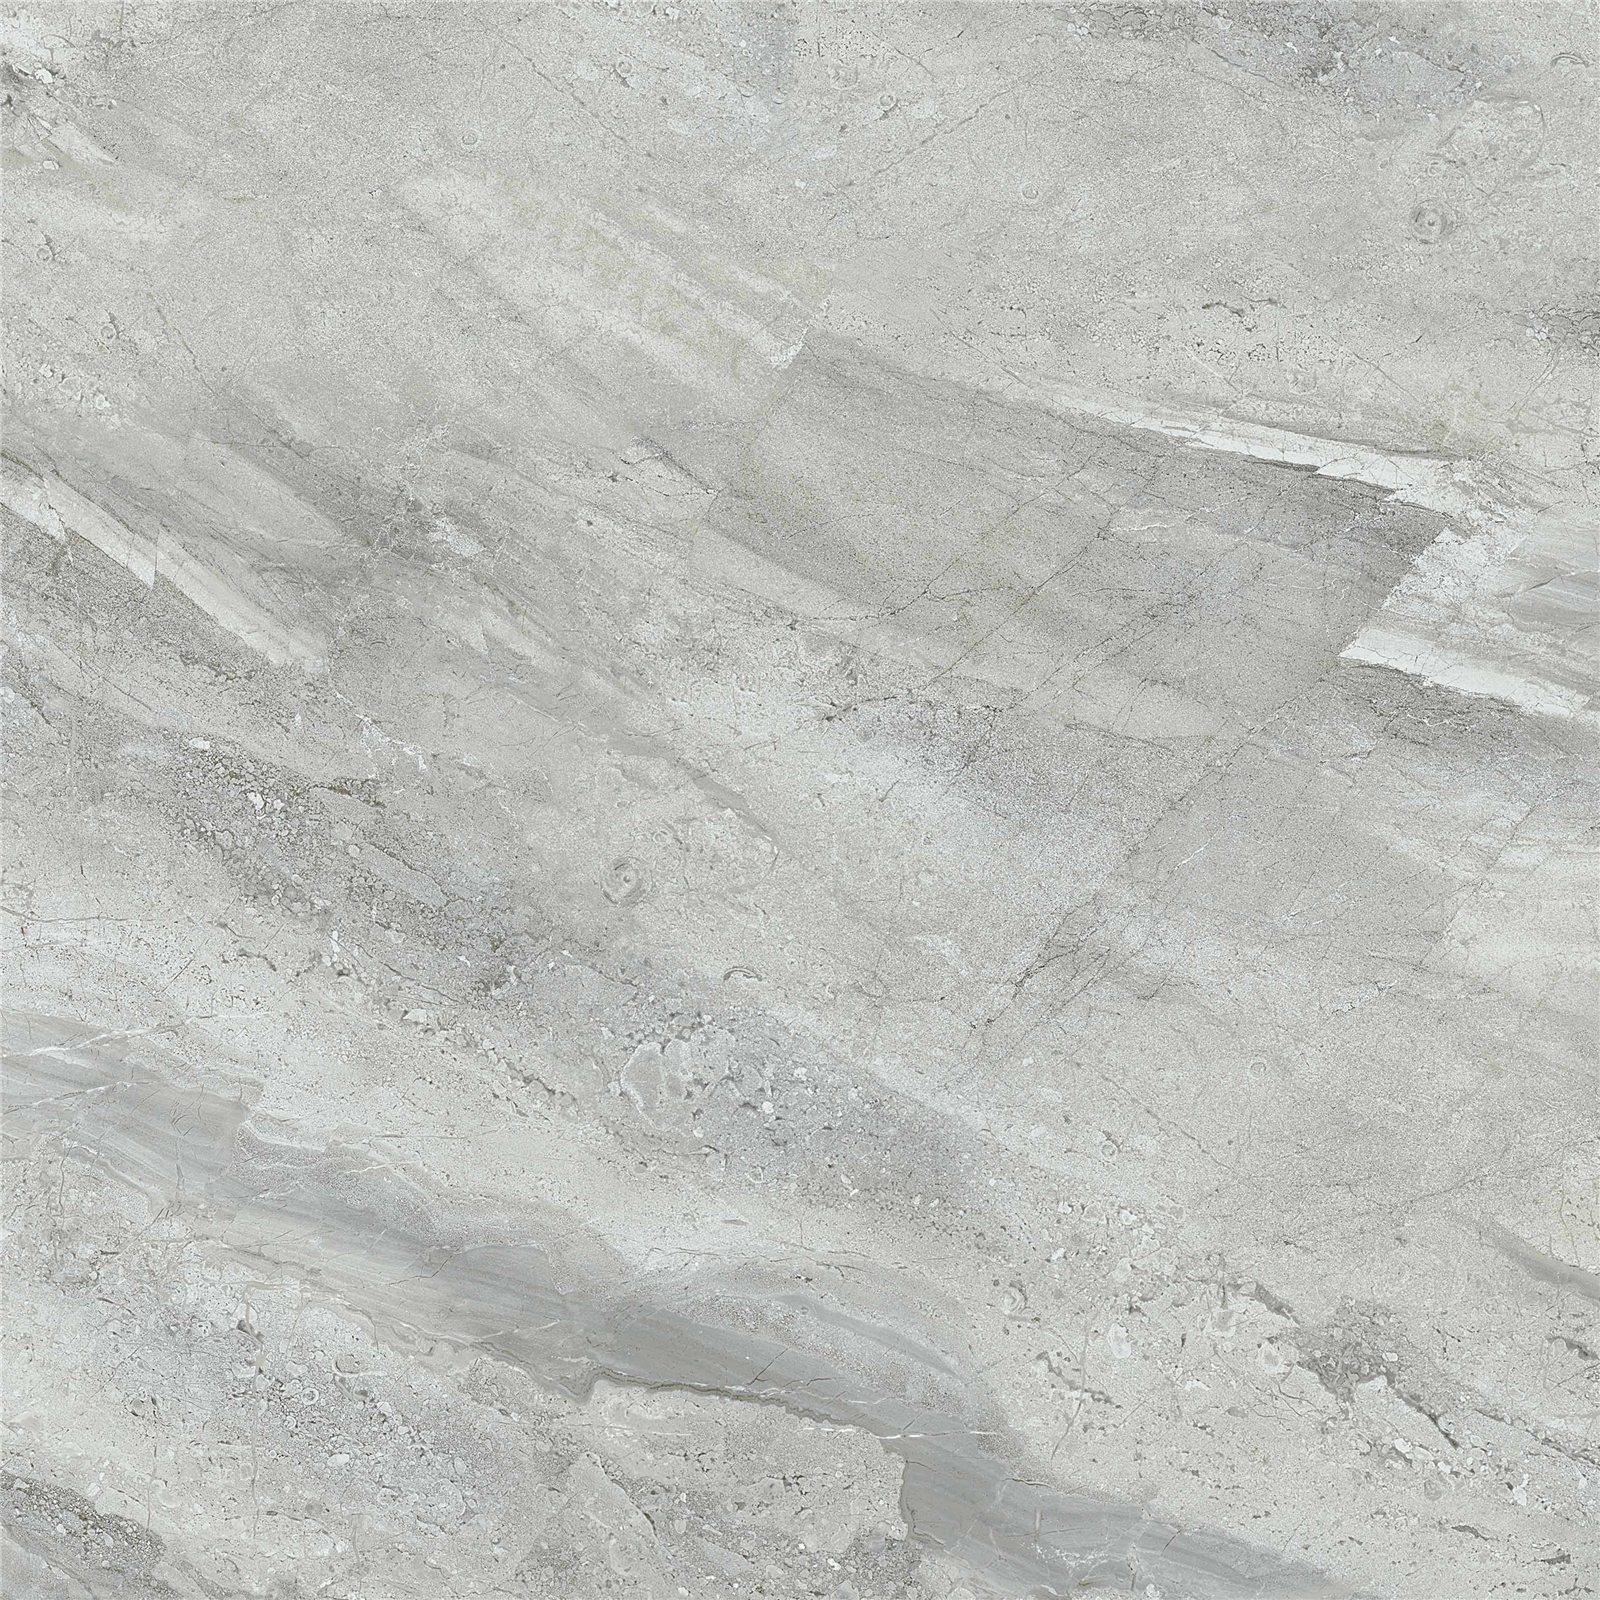 地理石        维罗纳石